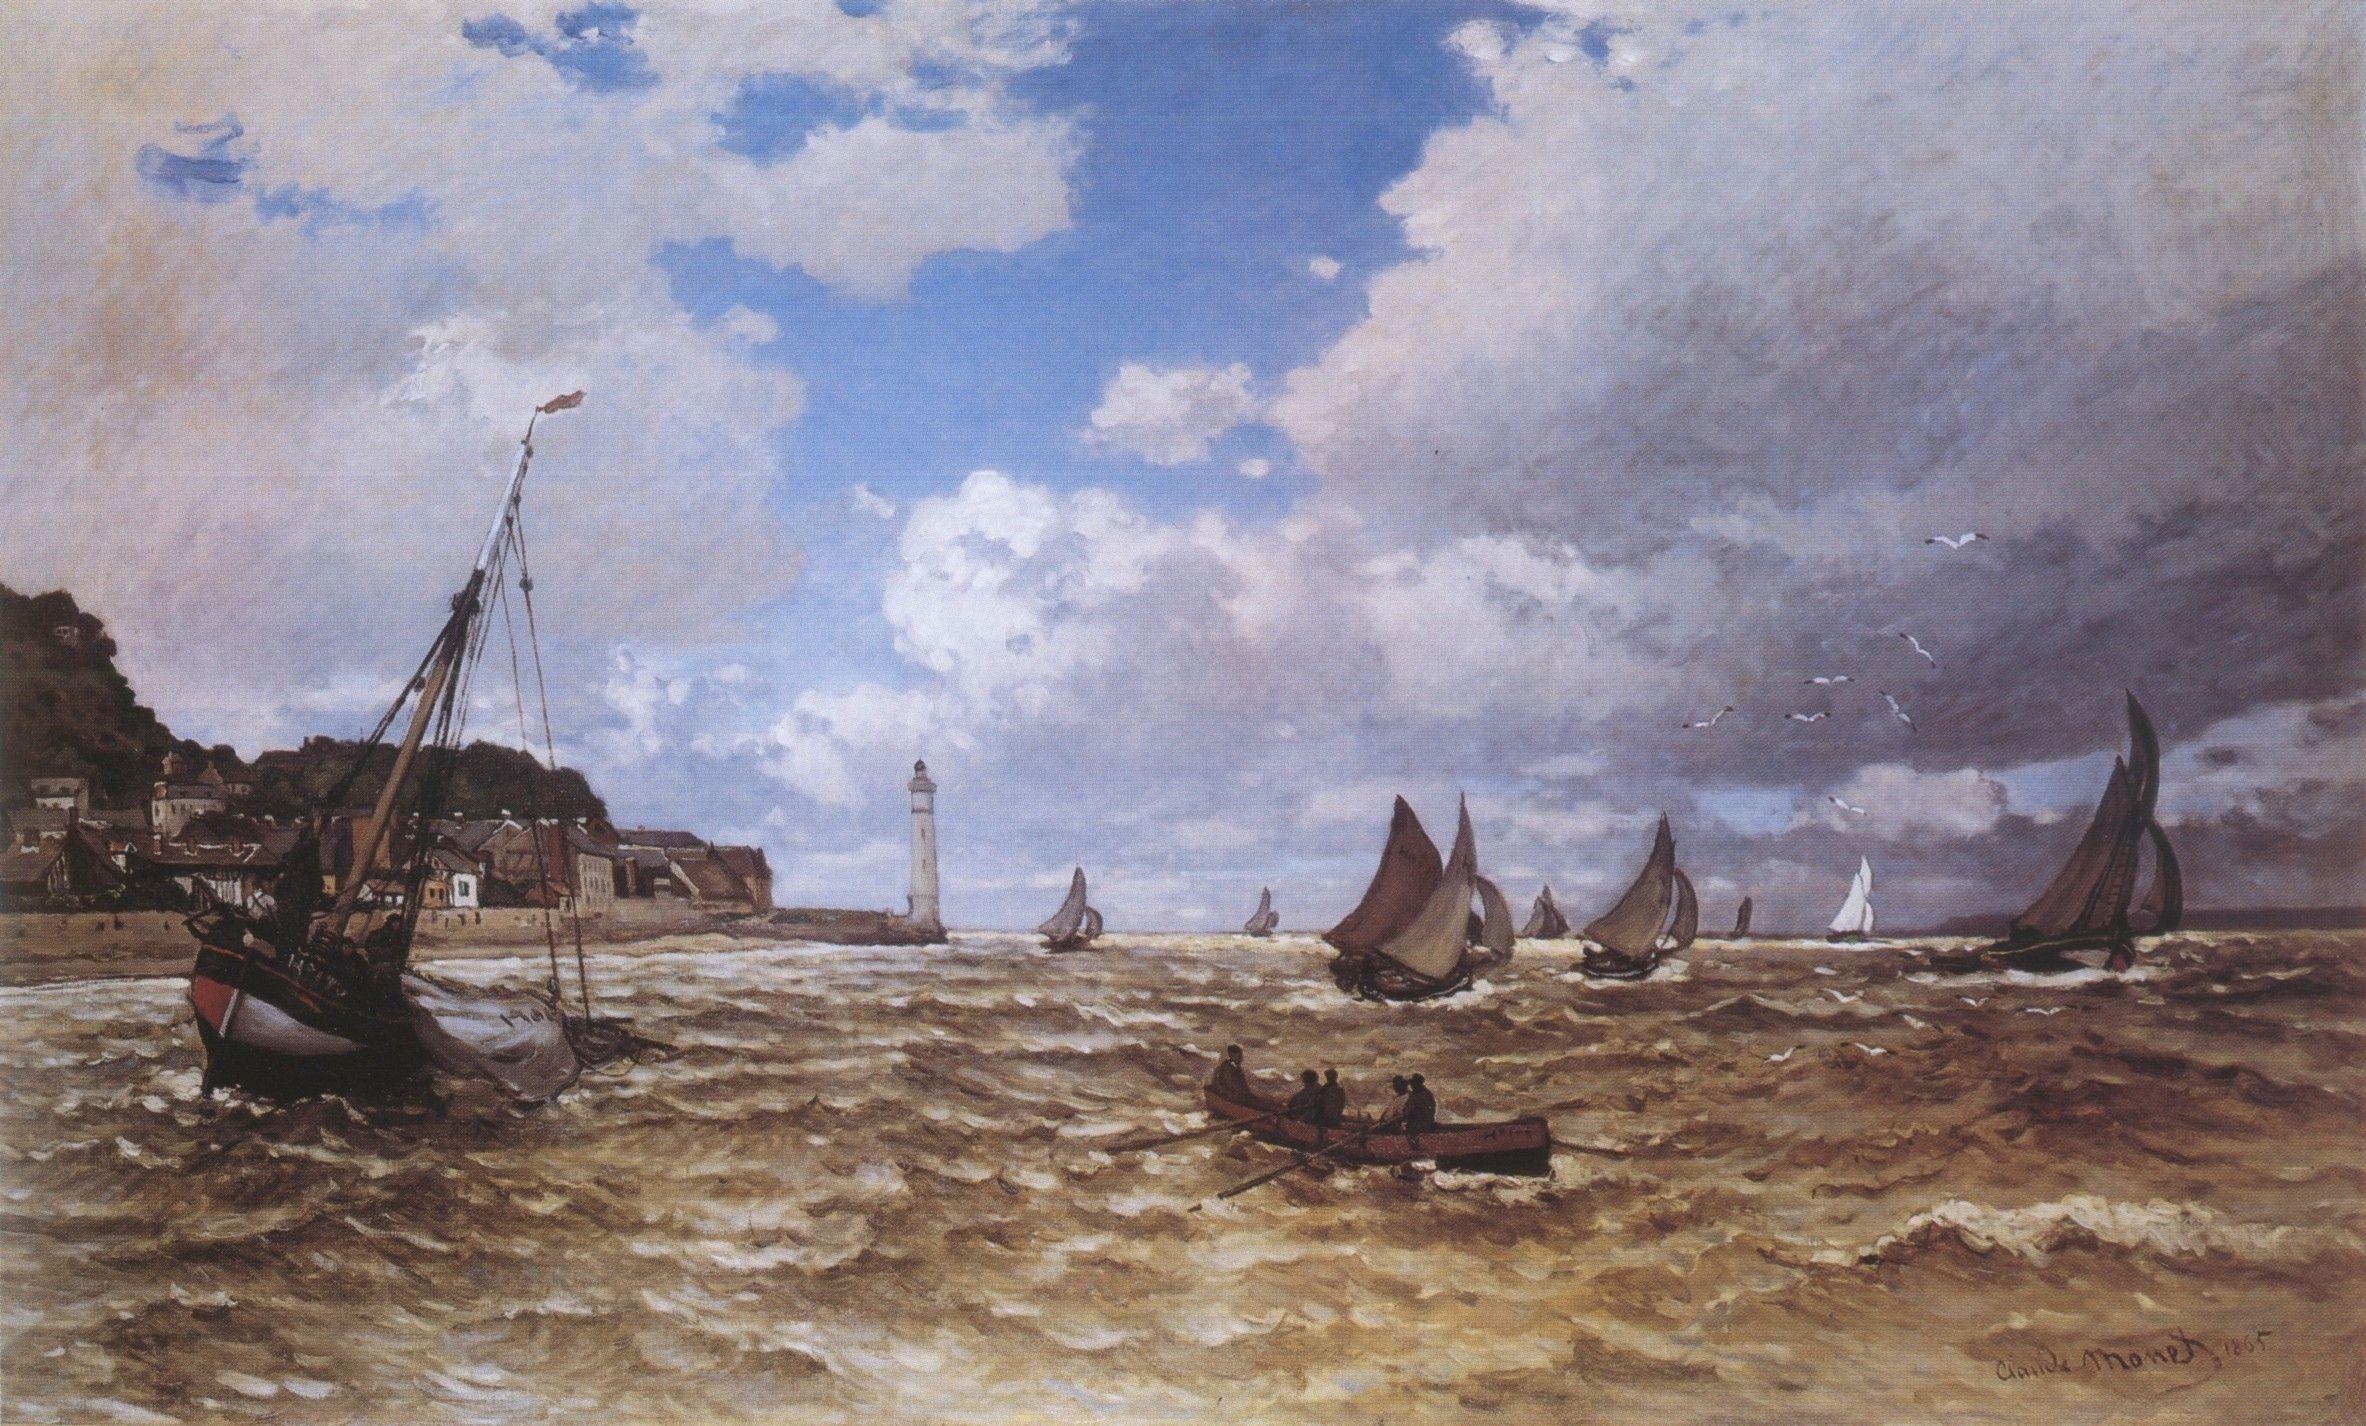 речной пейзаж < Устье Сены в Хонфлёре >:: Клод Моне, описание картины - Claude Monet фото